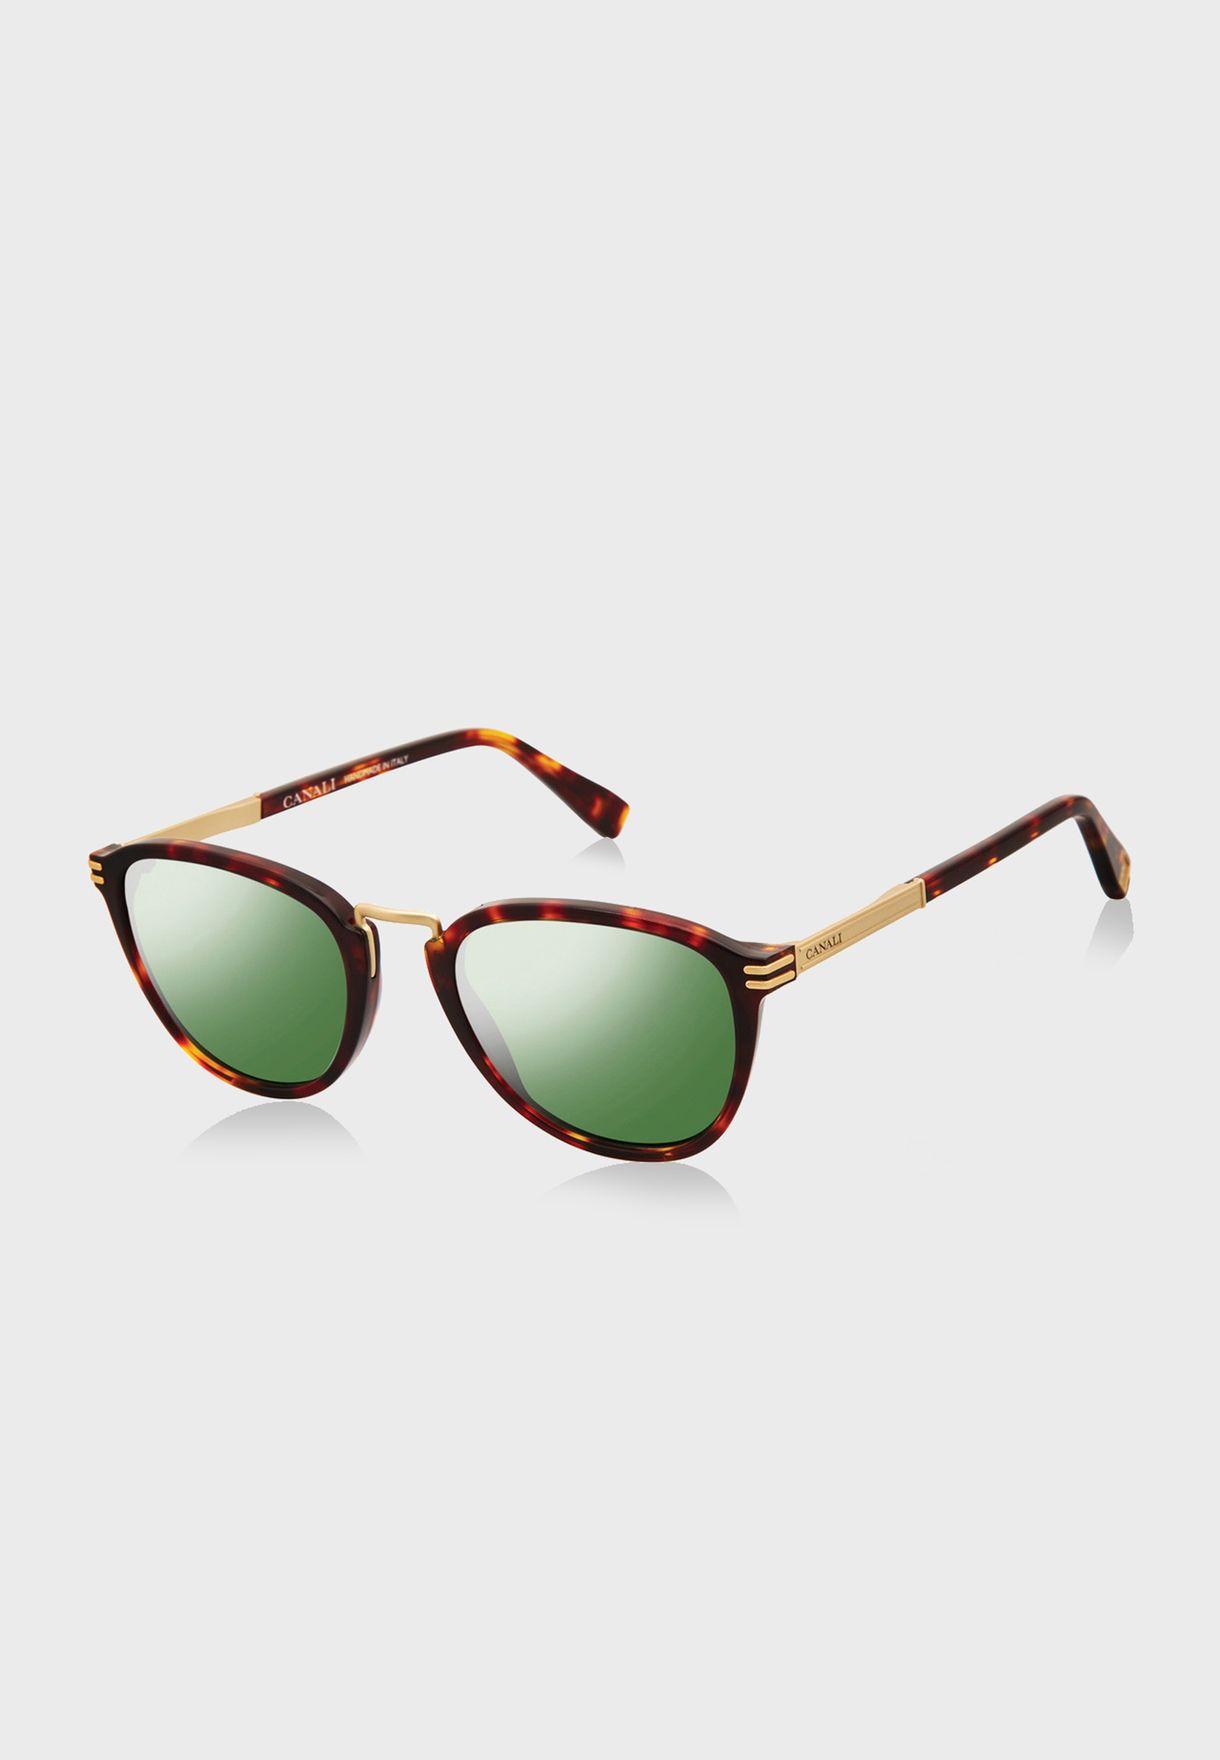 L CO20901 Round Sunglasses